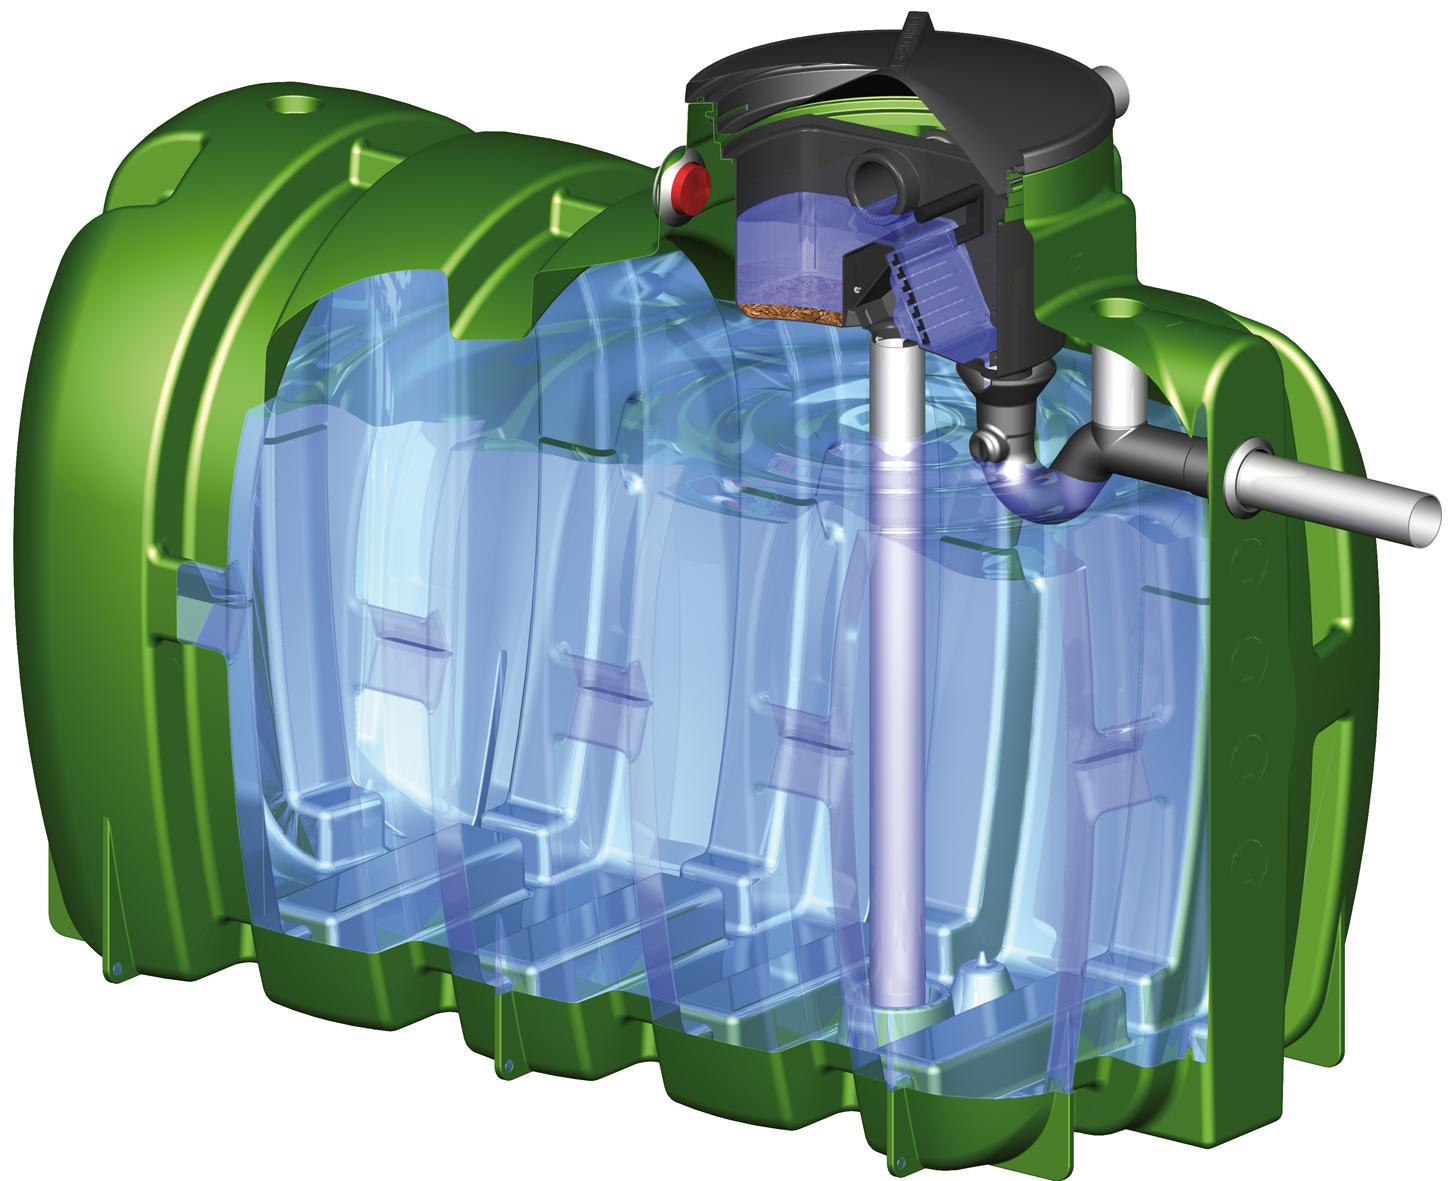 Aquacuve votre sp cialiste de la r cup ration d 39 eau de pluie - Bac recuperation eau de pluie ...